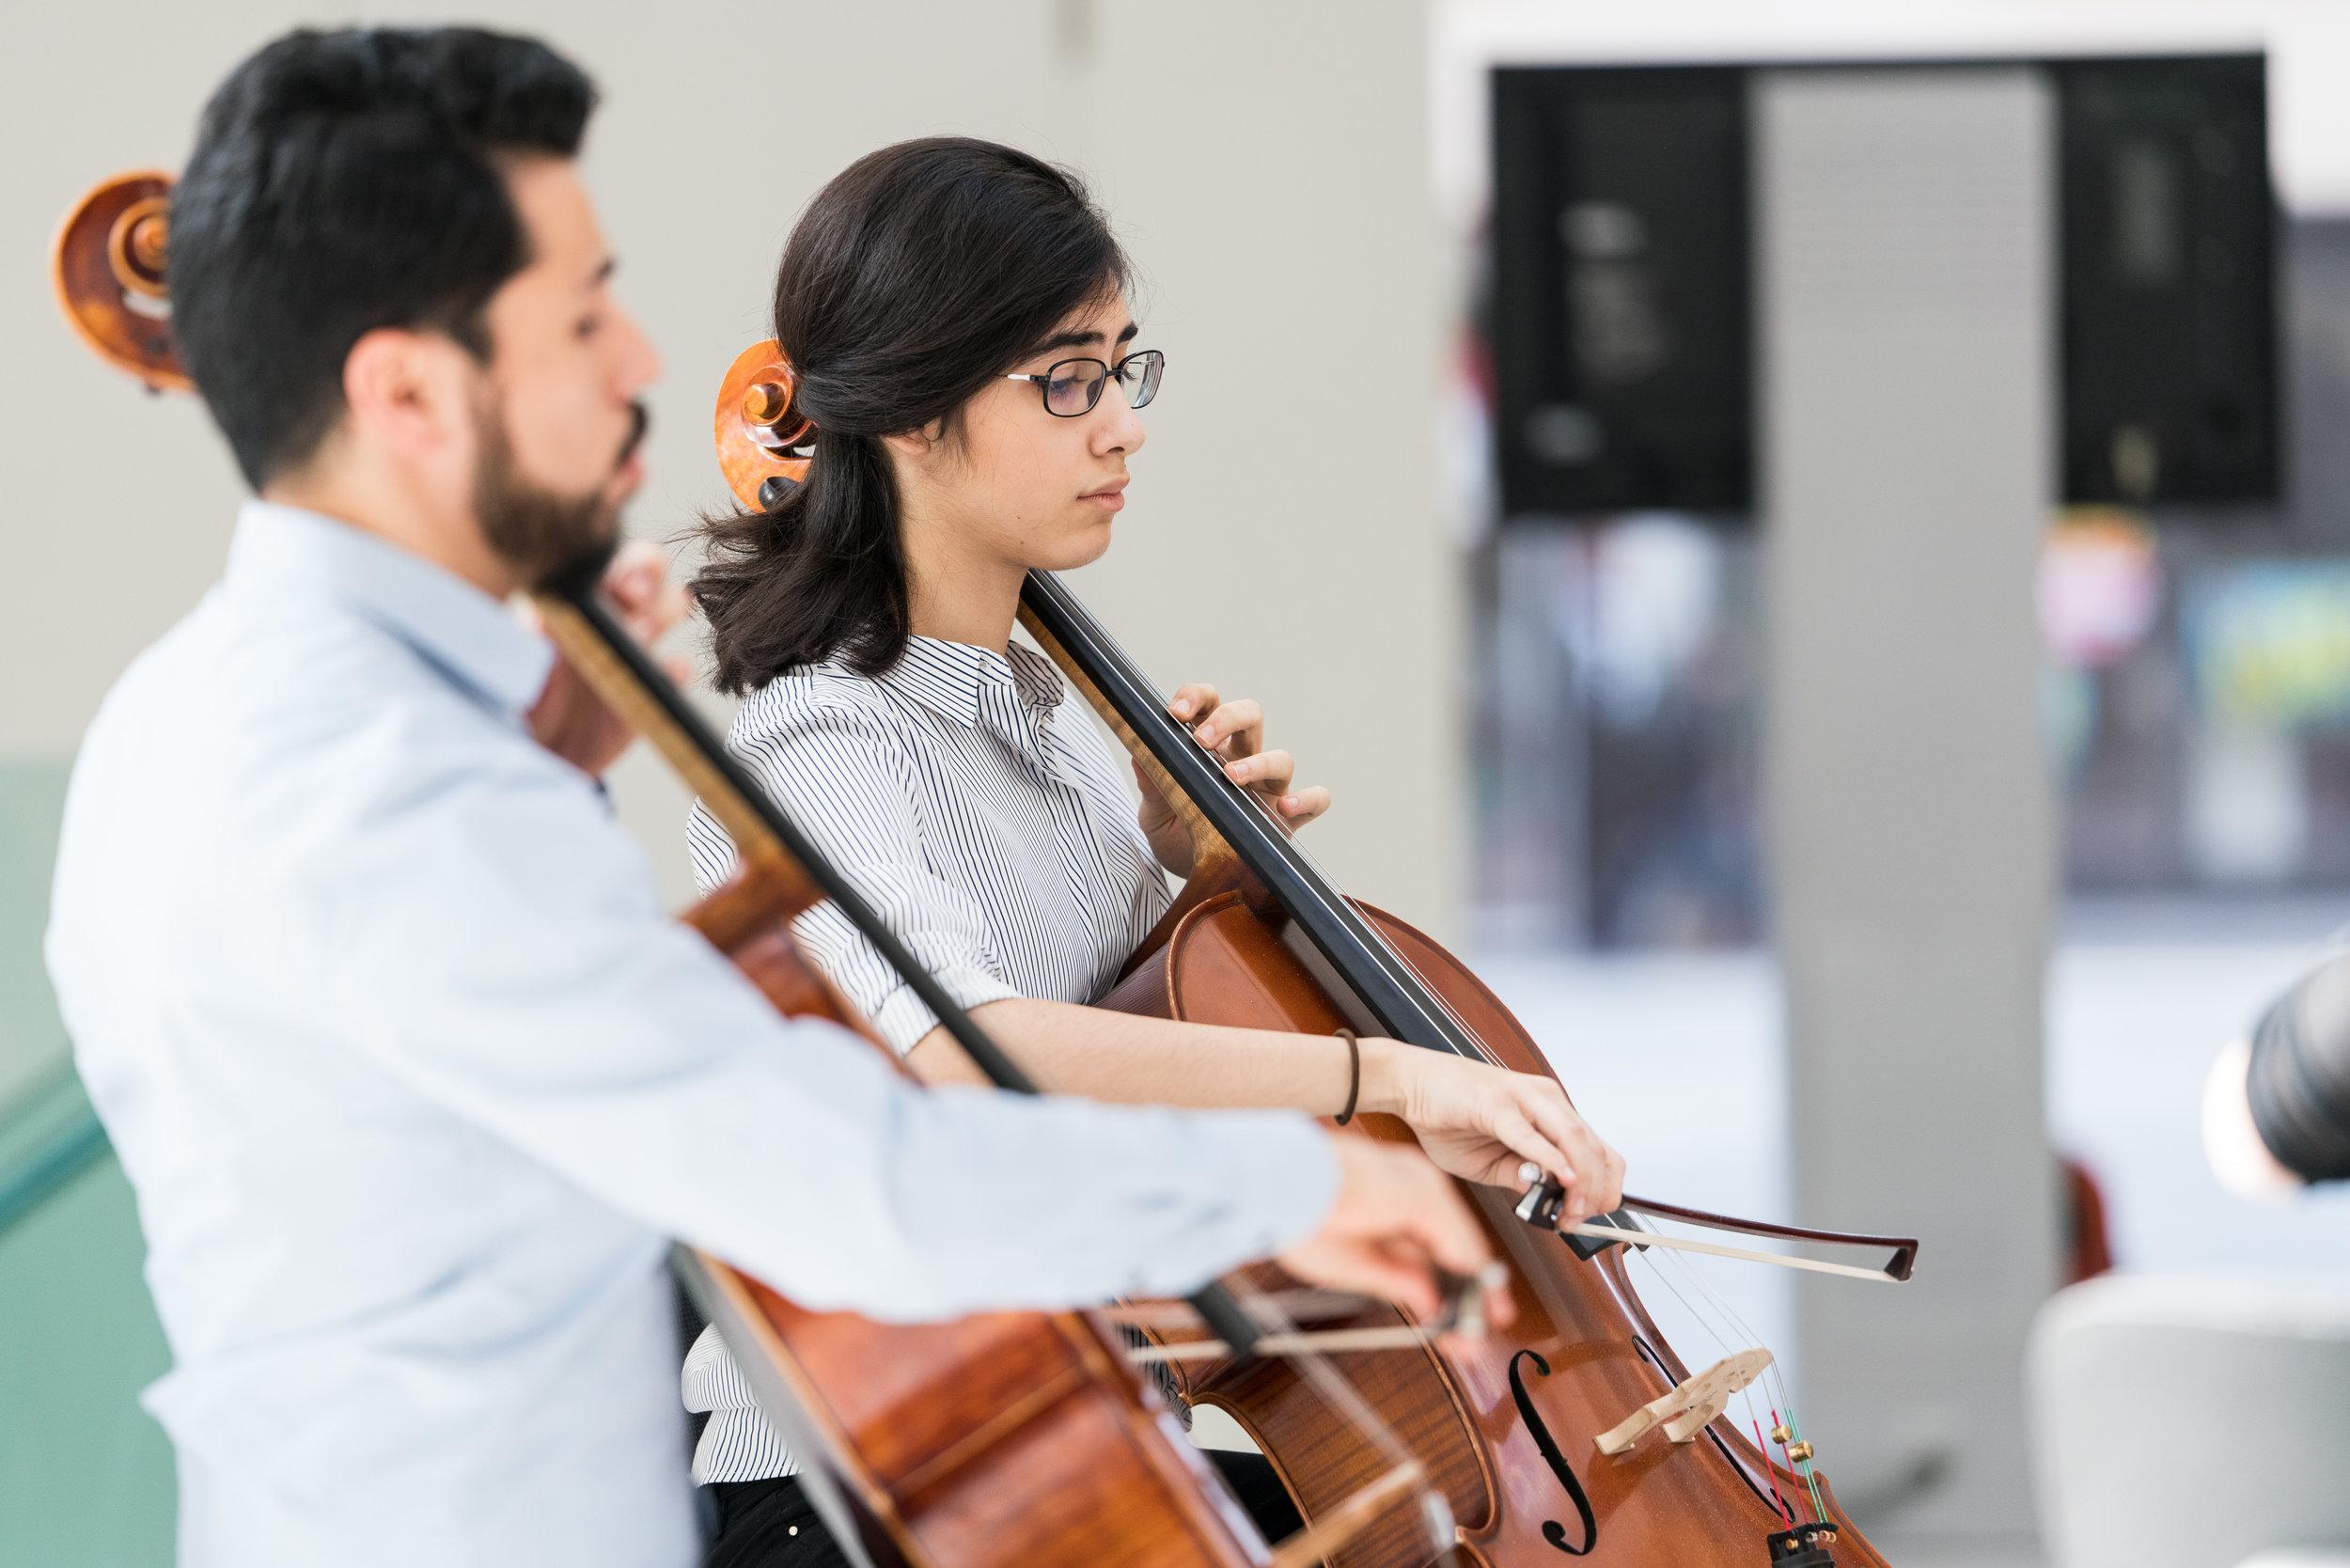 Konzert am Mittag - Cello20180206_009-036.jpg